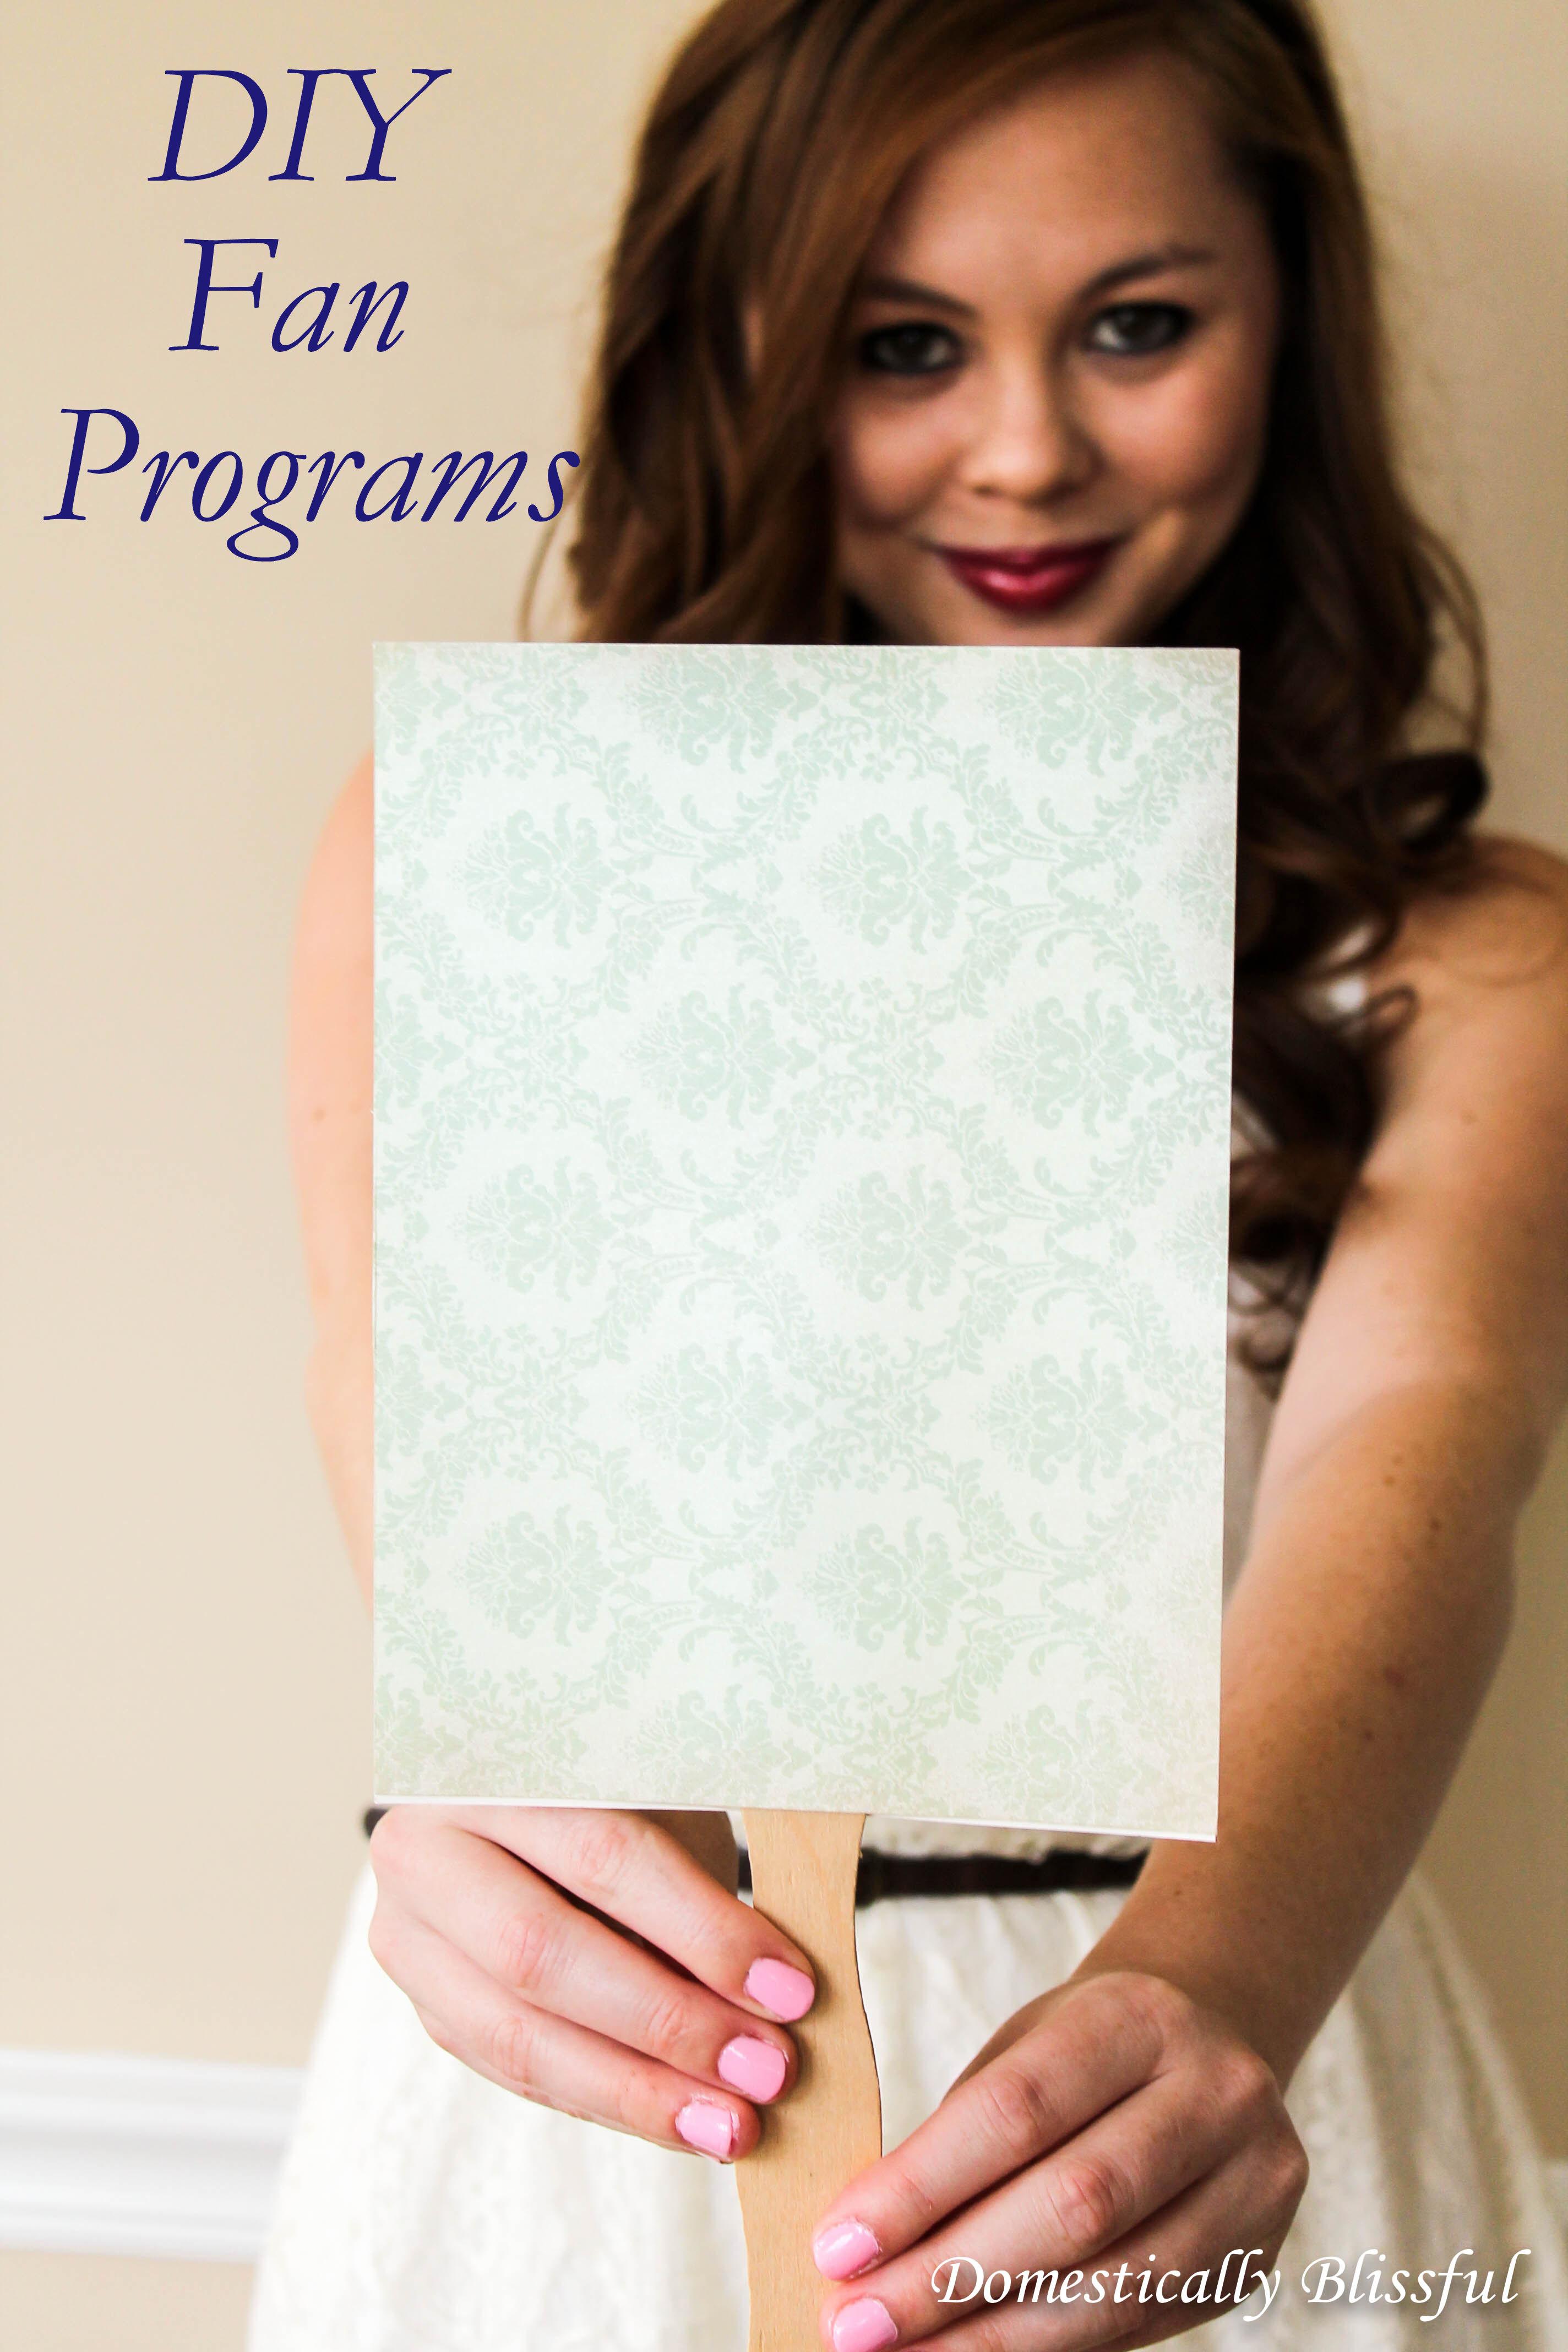 Fan Program for a DIY Bride